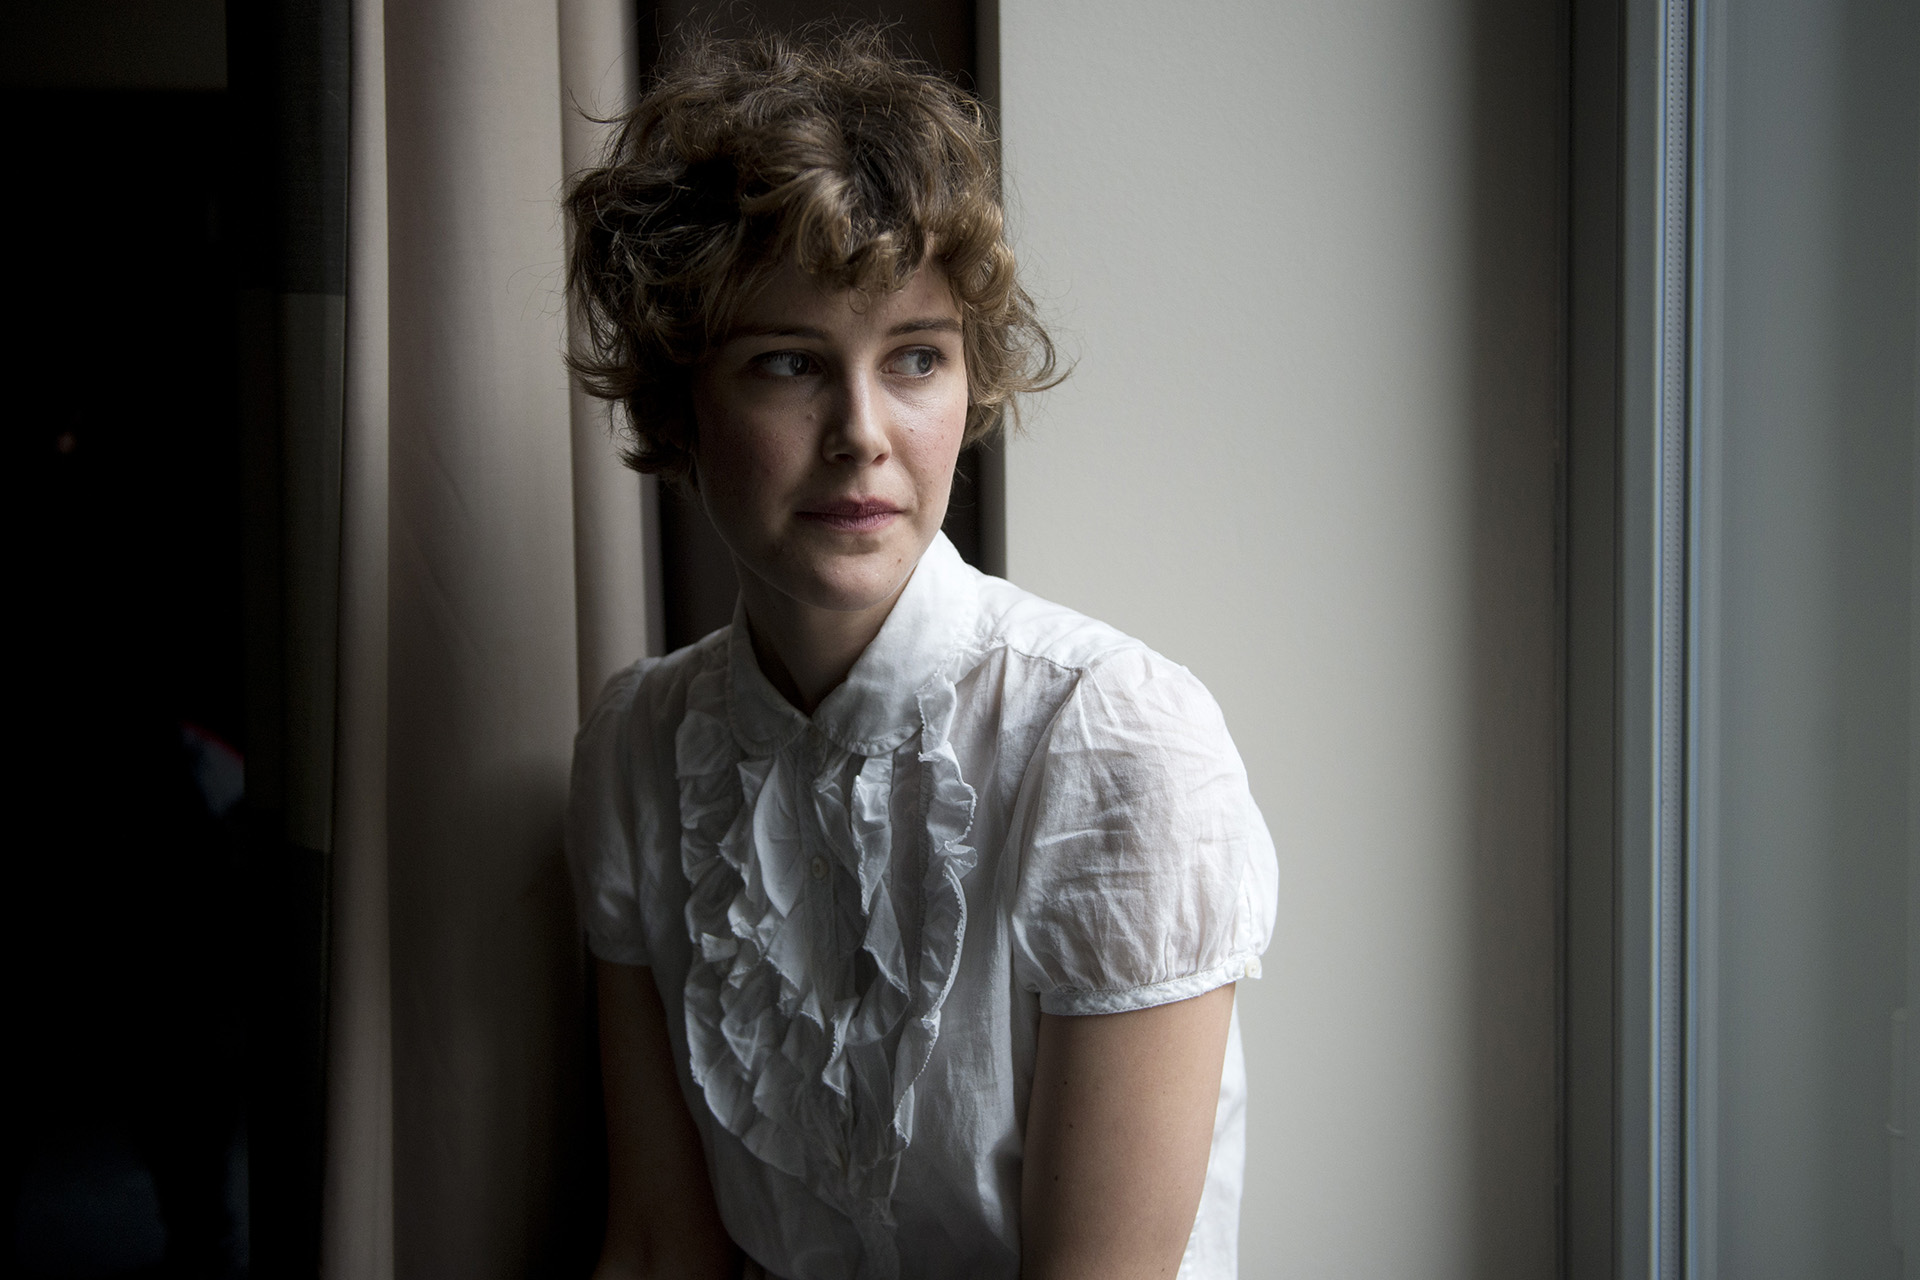 Carla Juri, Actress